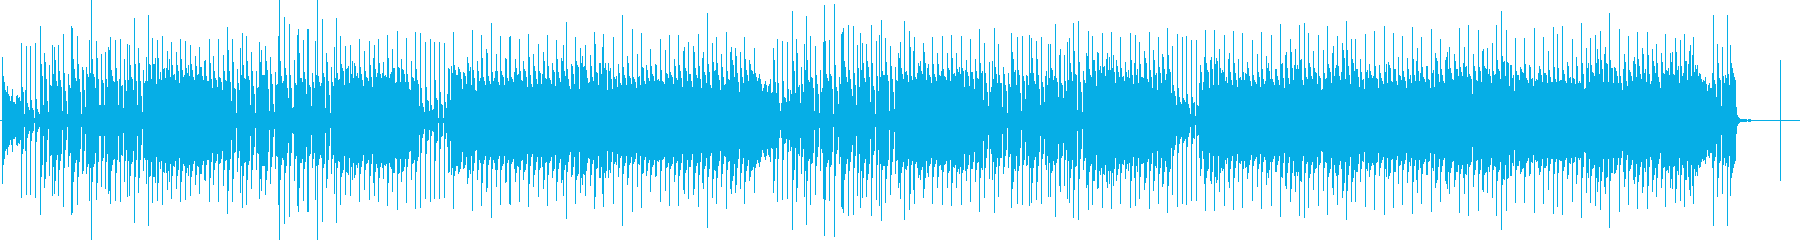 ビートルズやレトロな60年代のロッ...の再生済みの波形